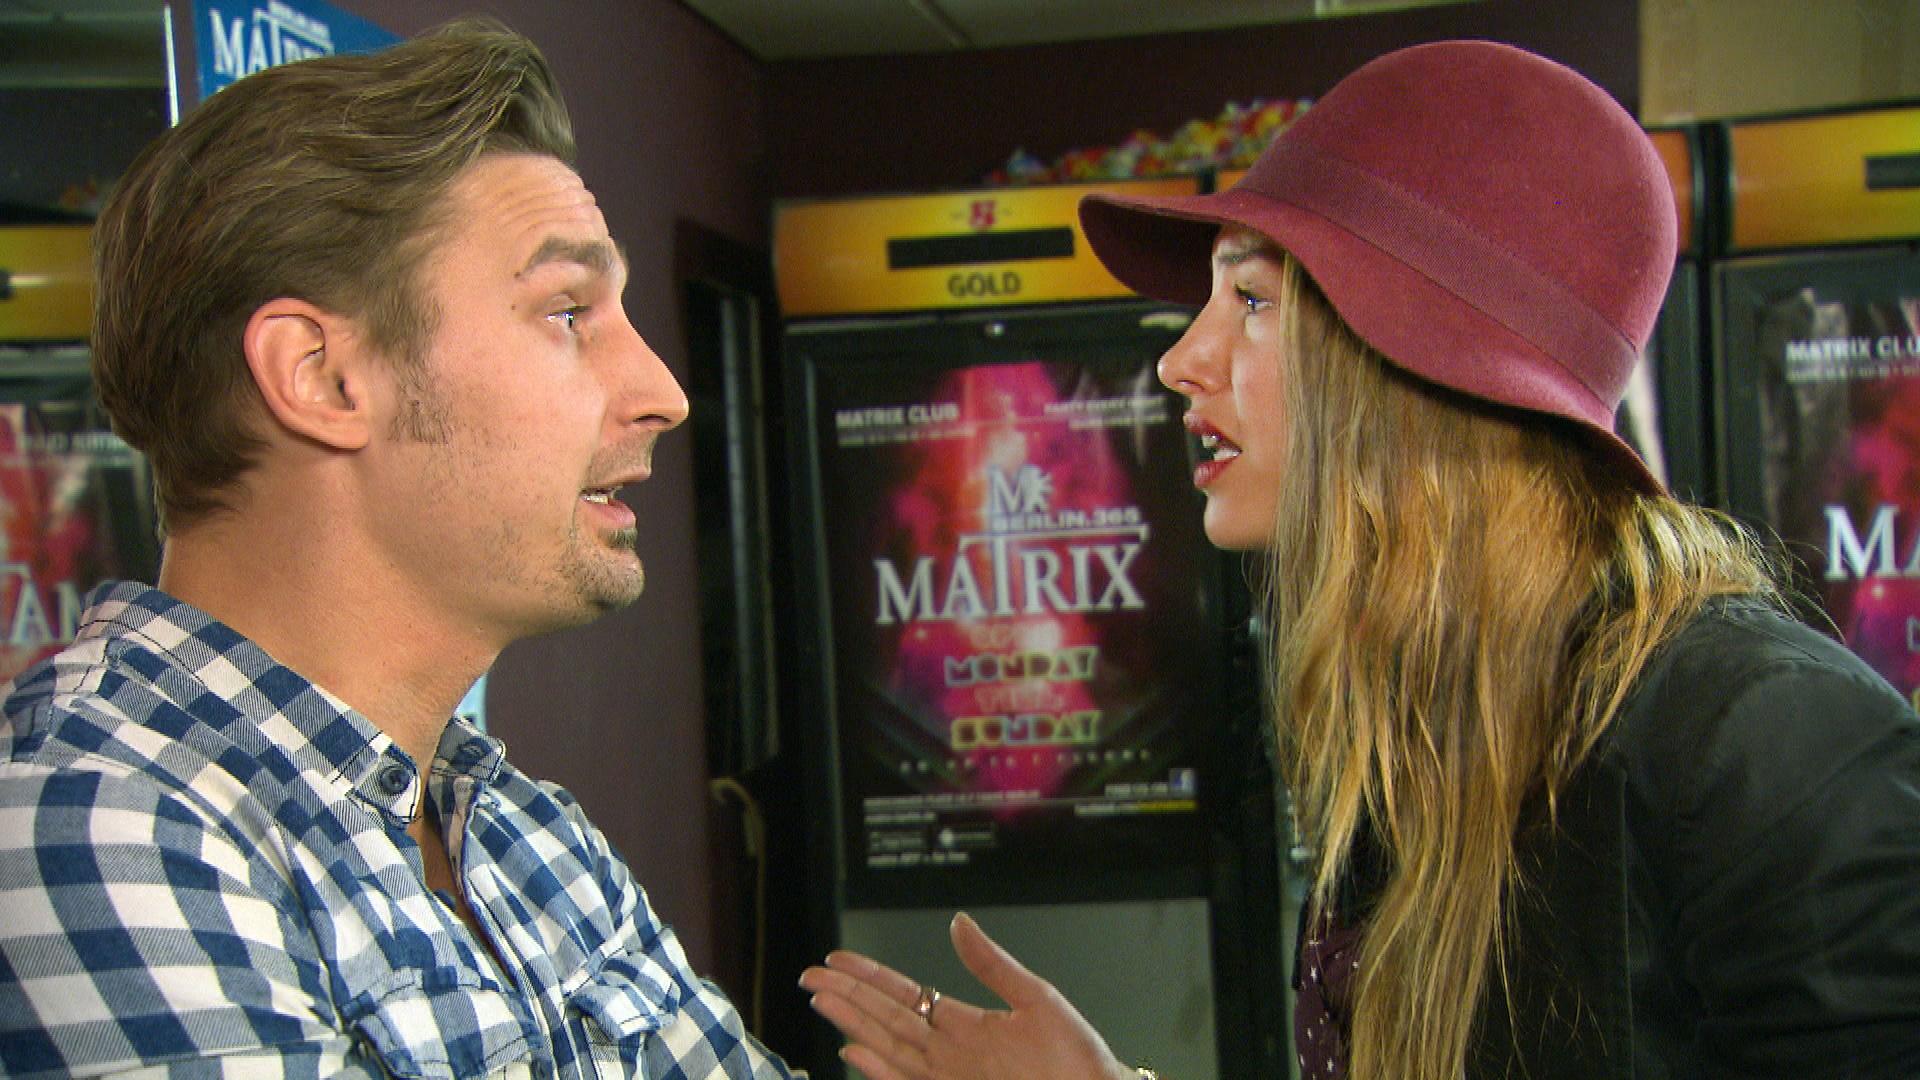 In Leons,li., Augen läuft die Beziehung mit Milla,re., richtig gut, zumal sie alles zu tun scheint, was Leon will. (Quelle: RTL 2)